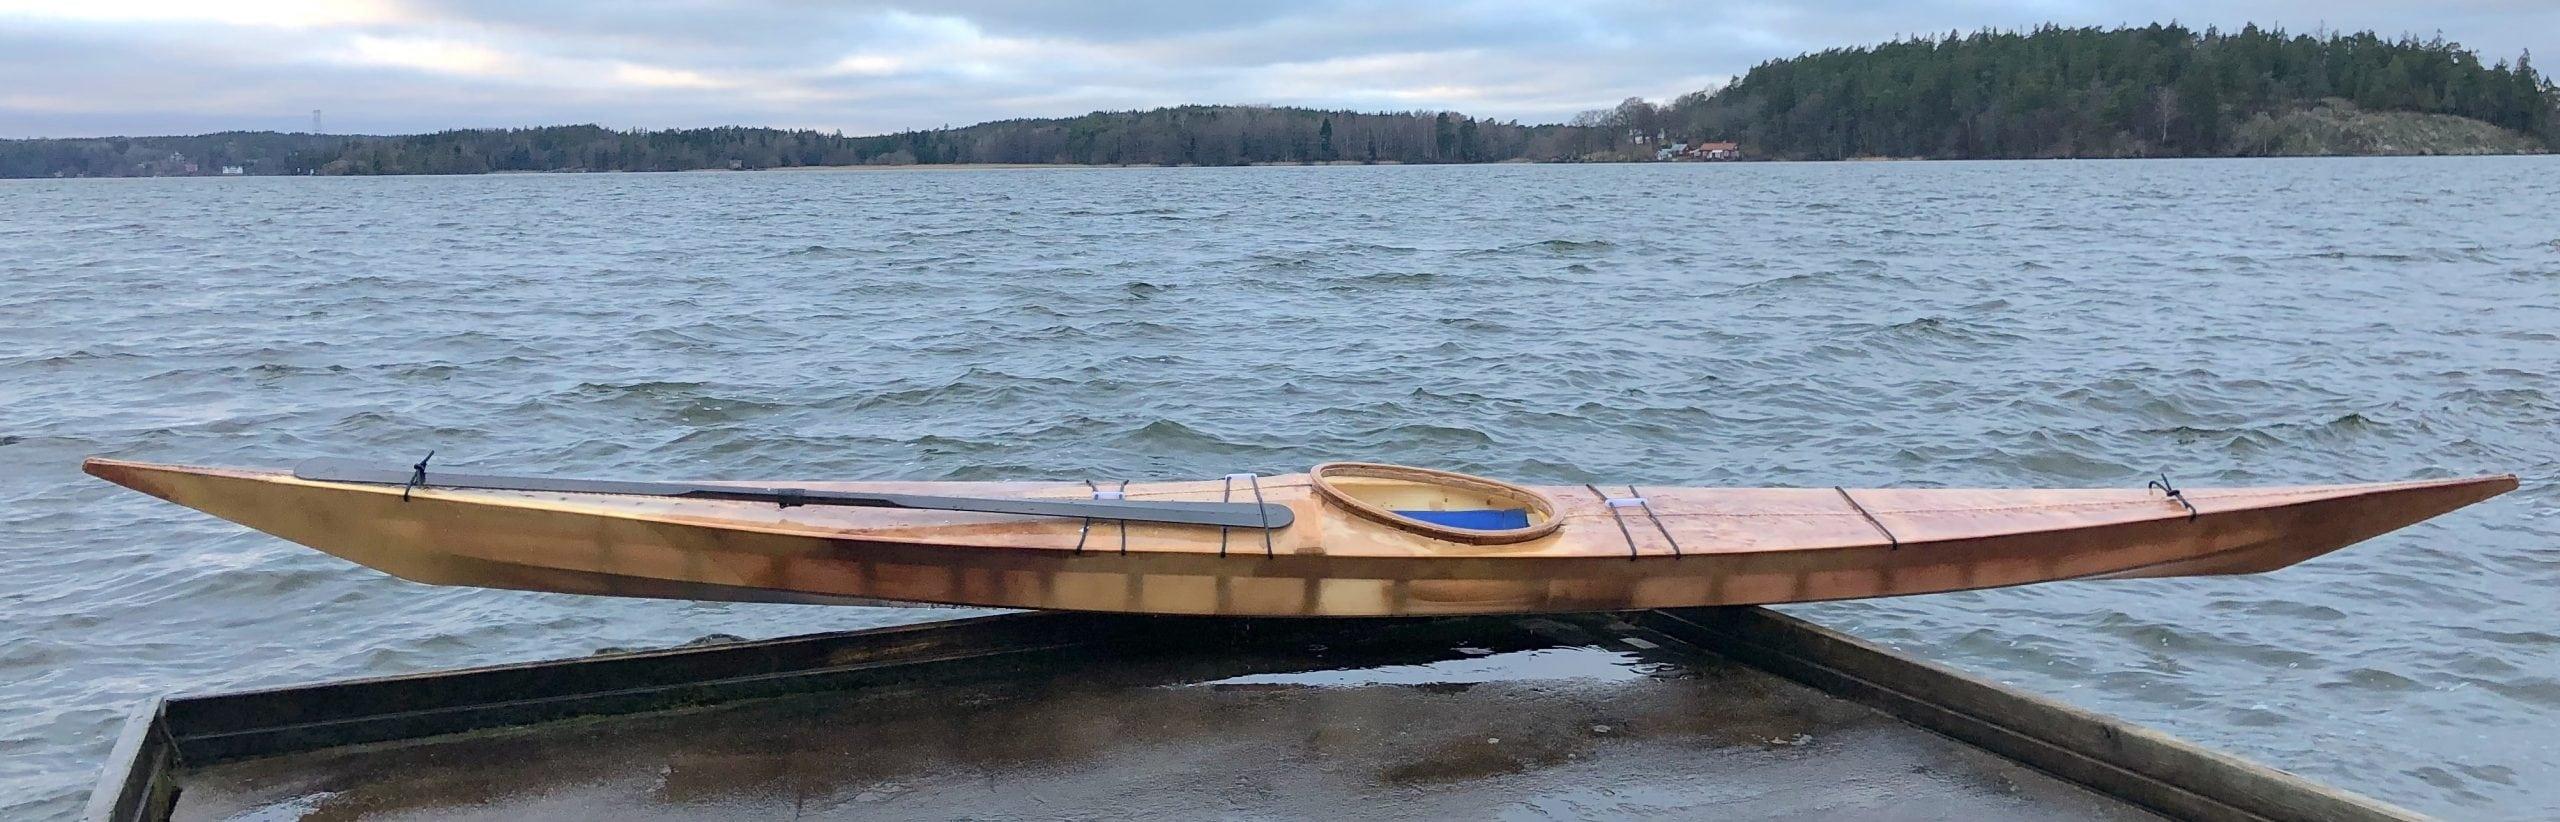 Tibor's West Greenland Kayak